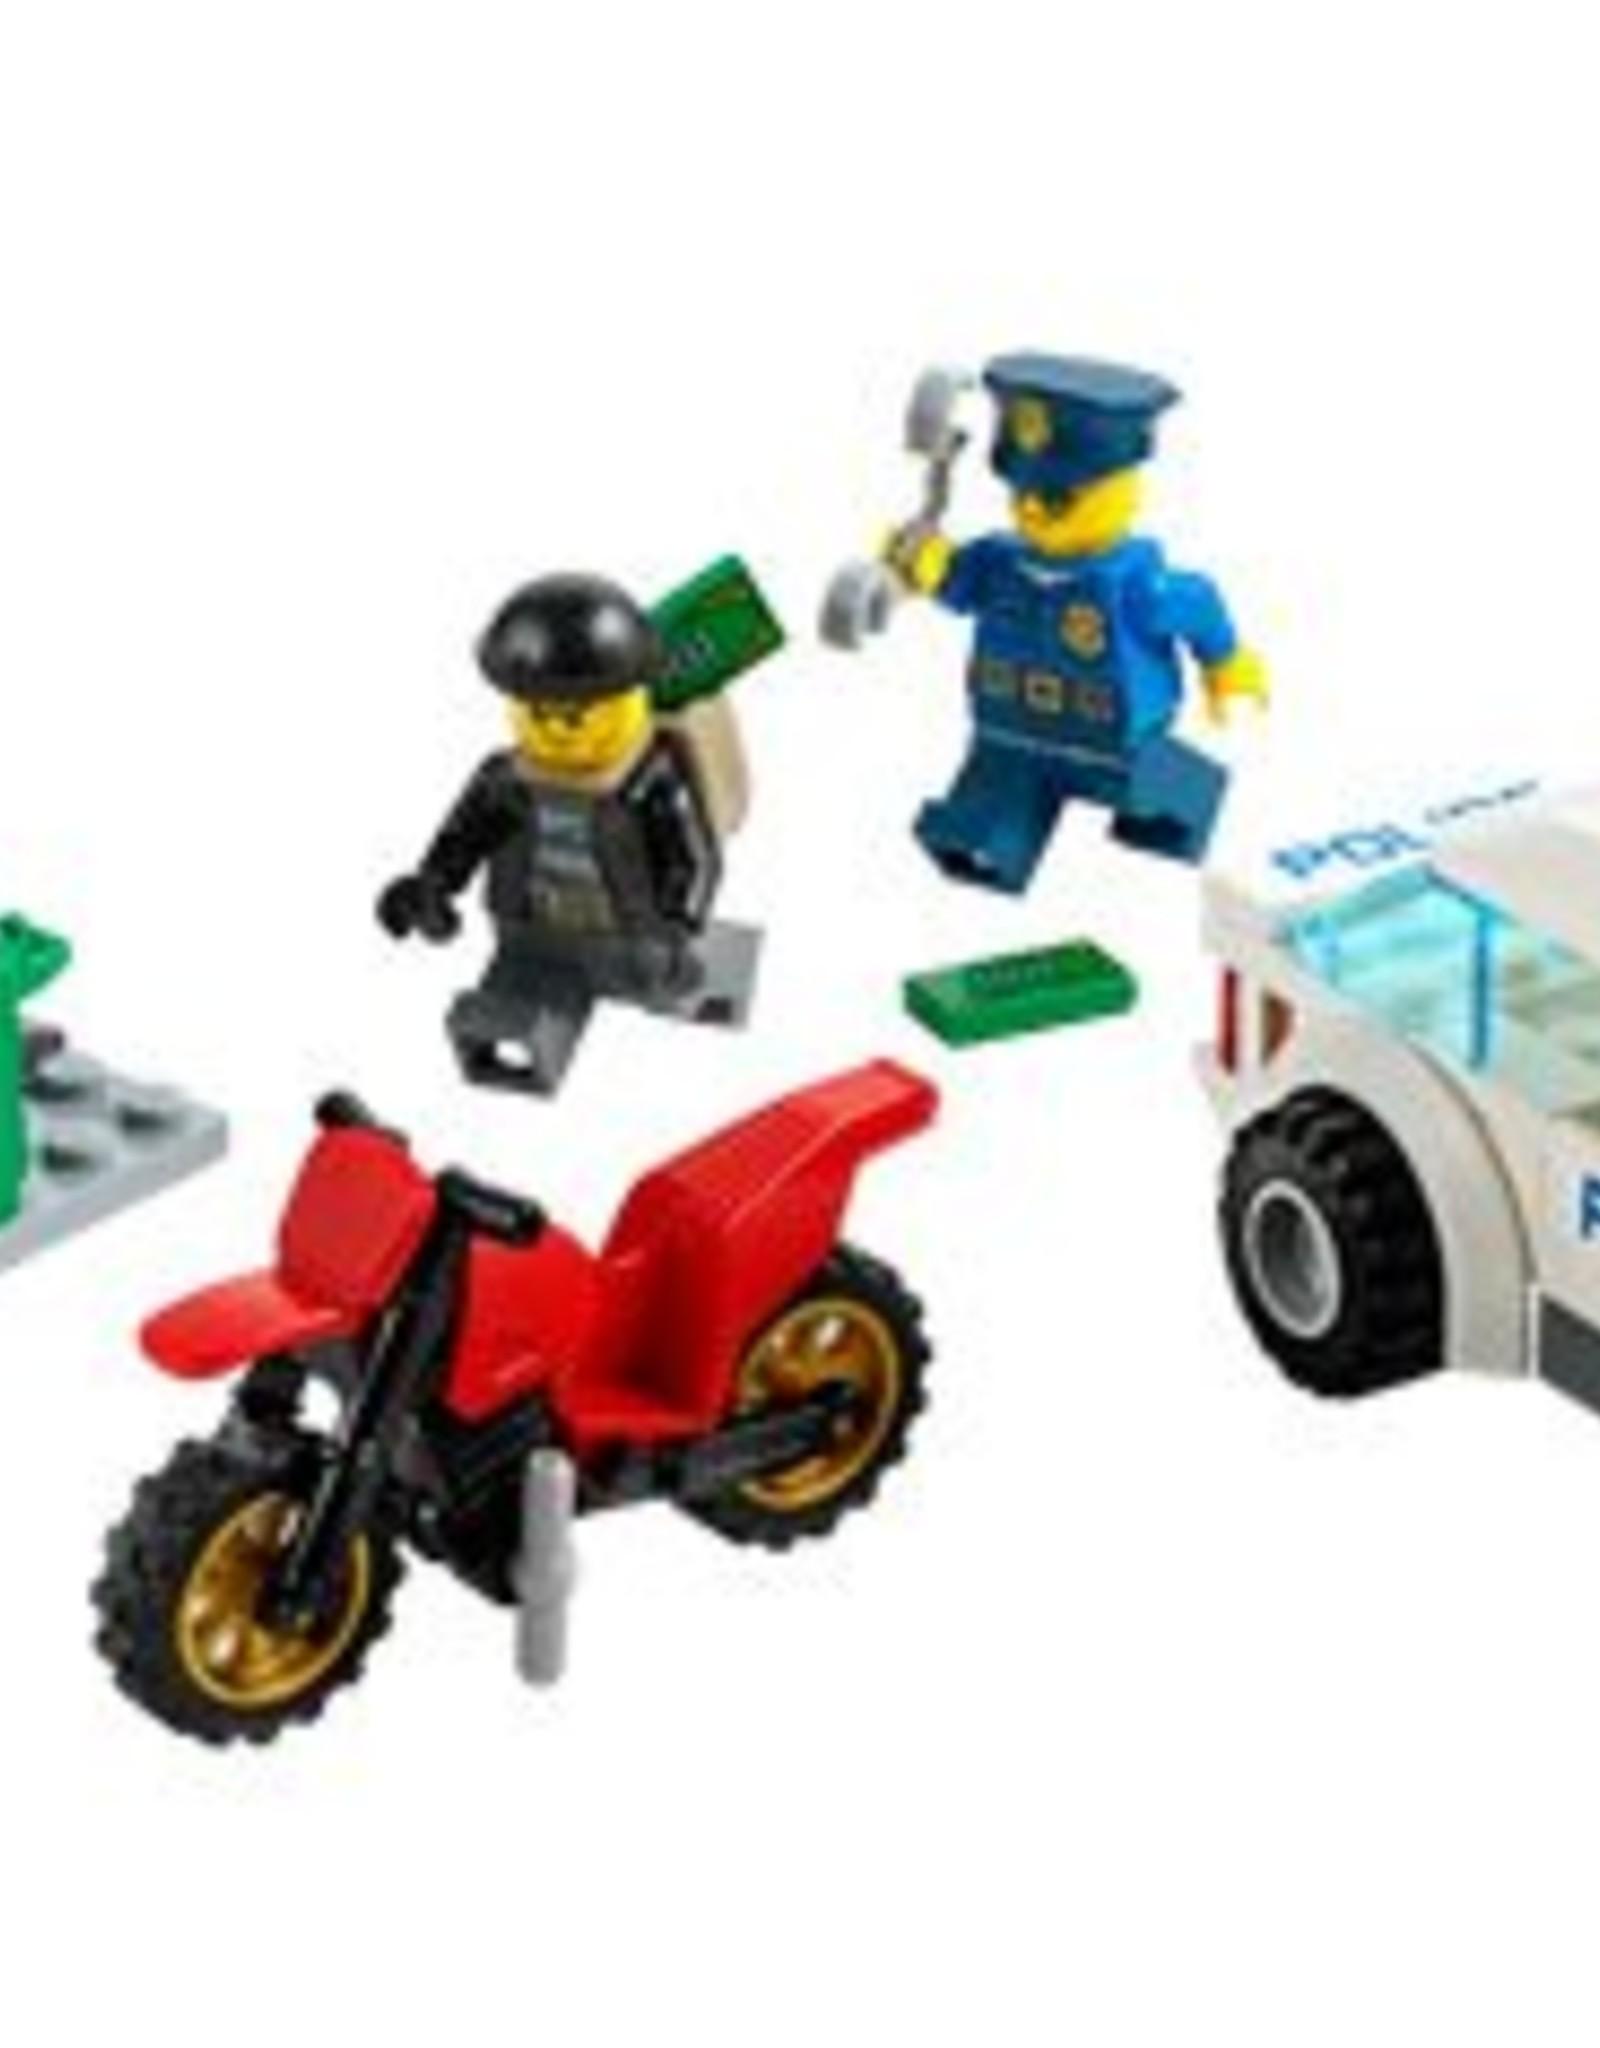 LEGO LEGO 60042 Boevenjacht met 2 crossmotors CITY